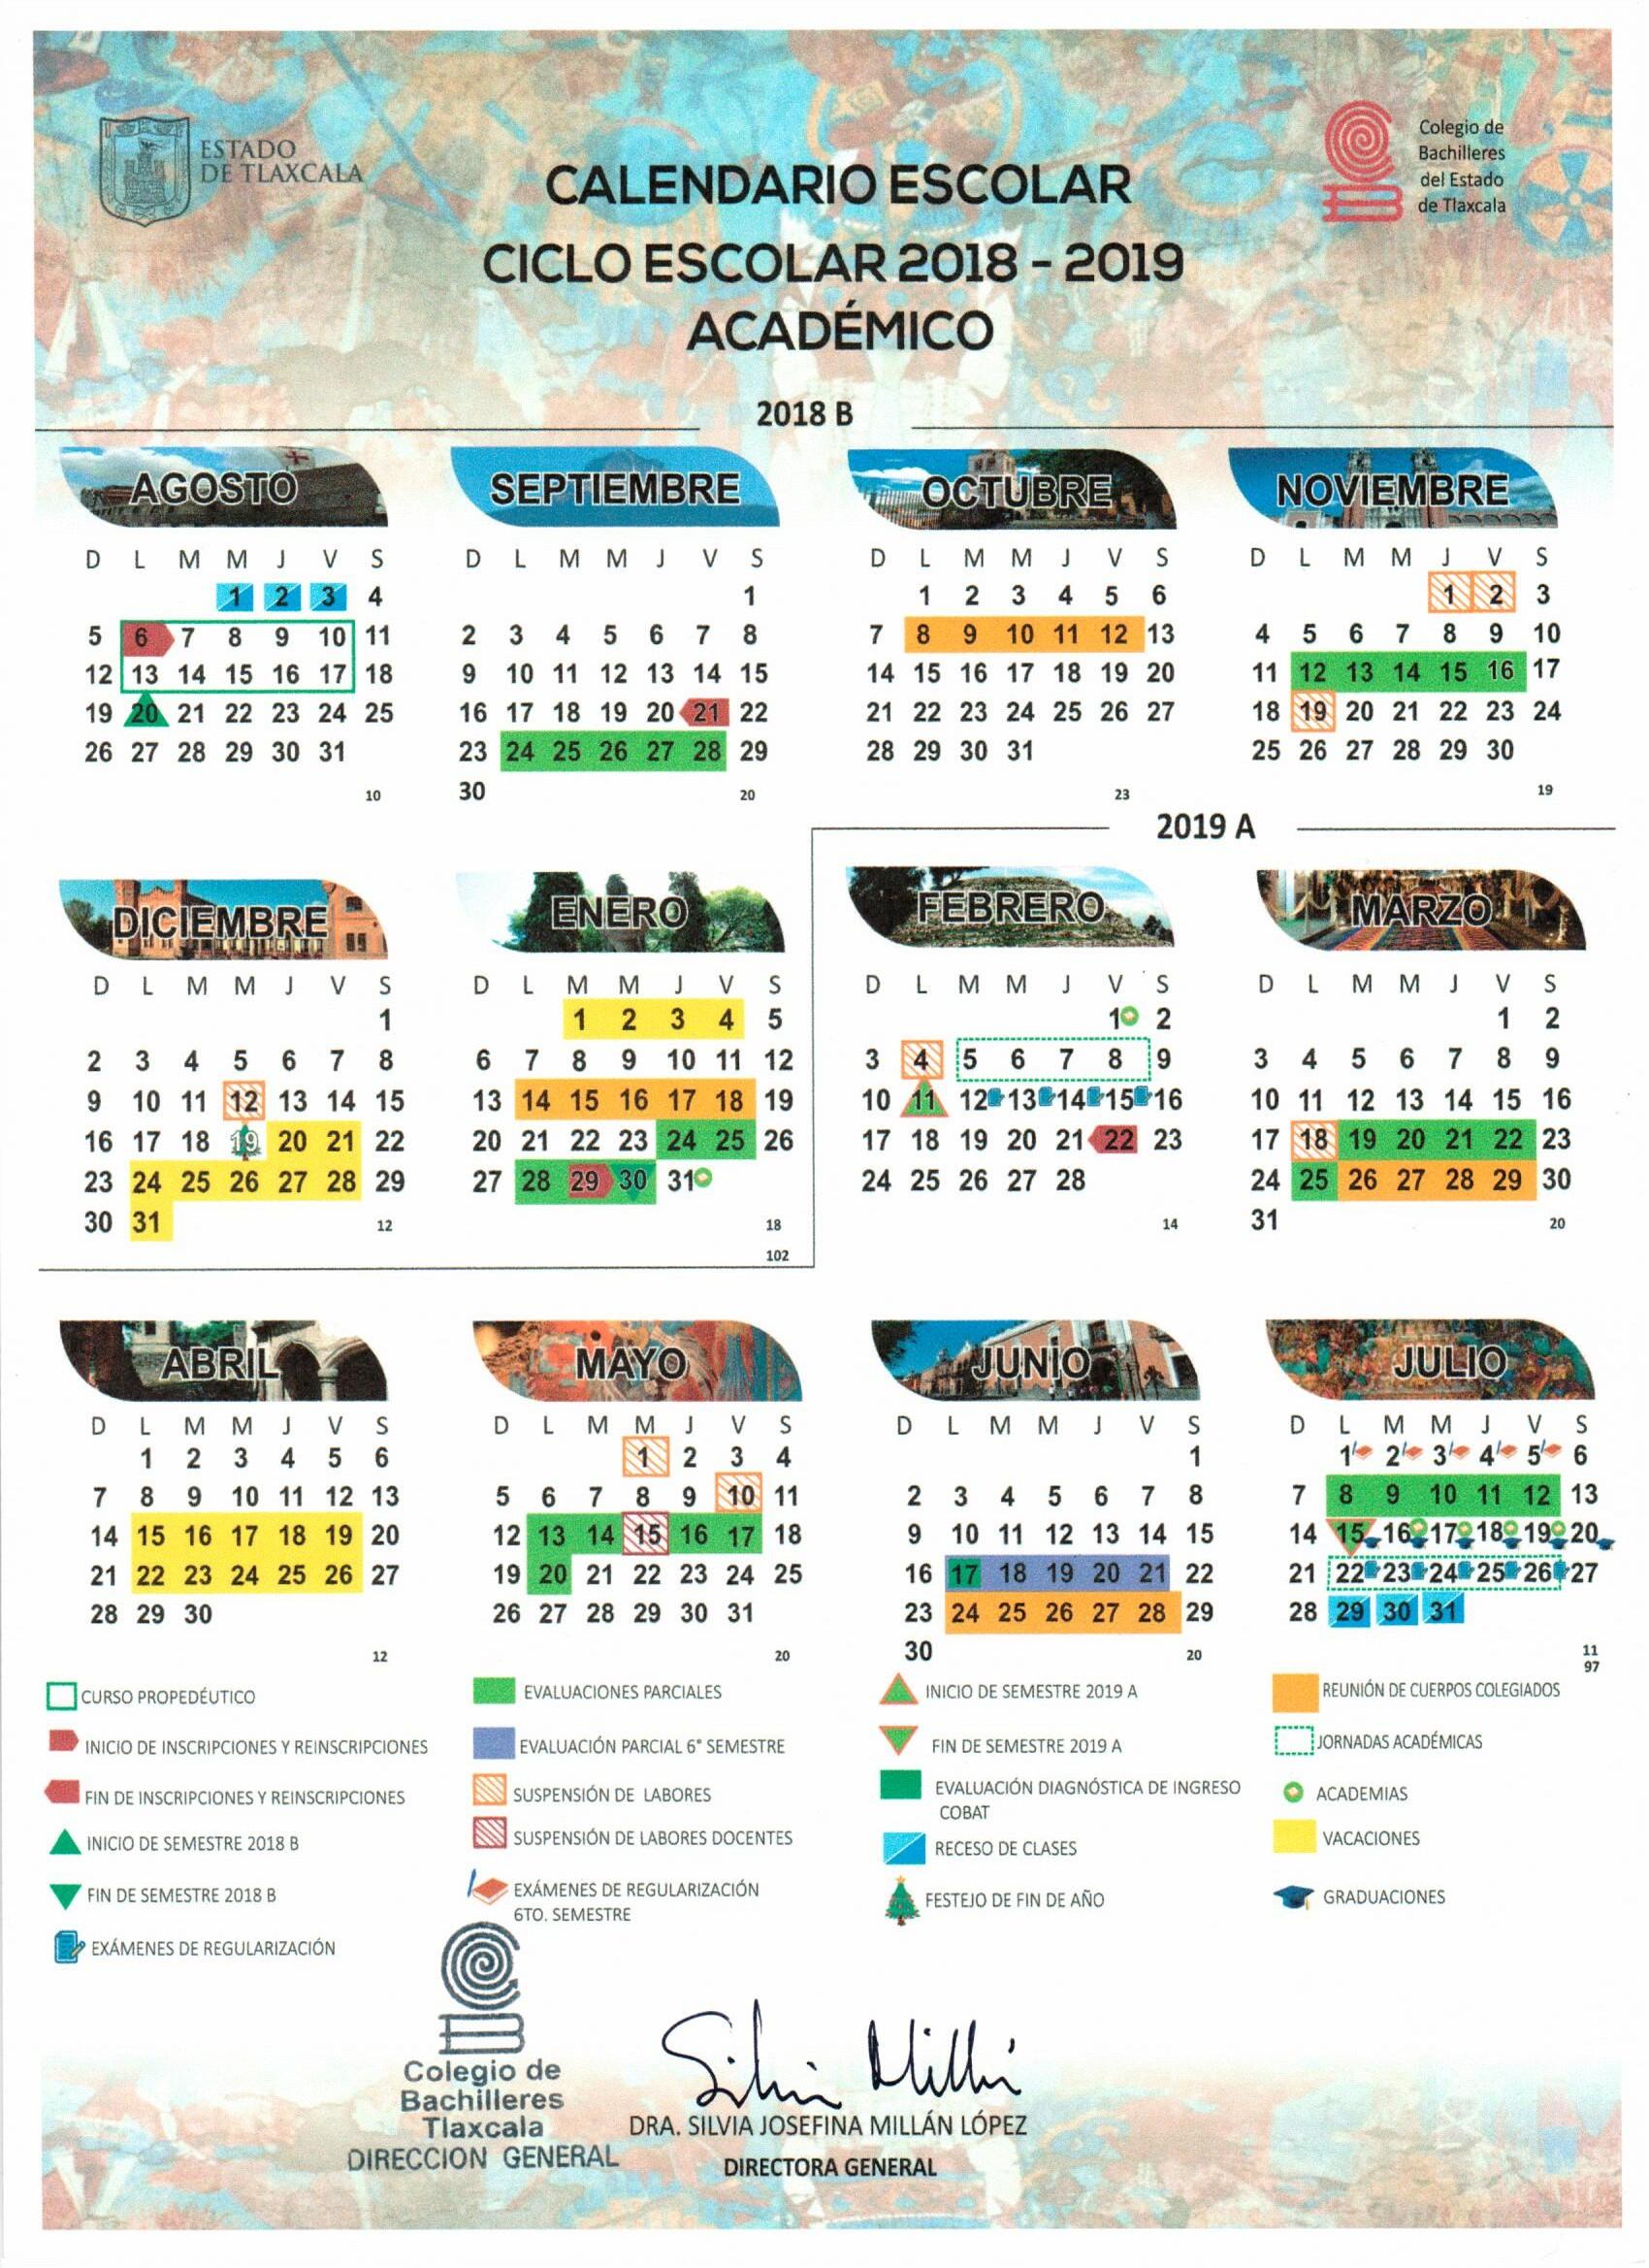 Calendario Escolar Rivas 2019 Más Caliente Cobat Of Calendario Escolar Rivas 2019 Más Recientes Brutalist Websites